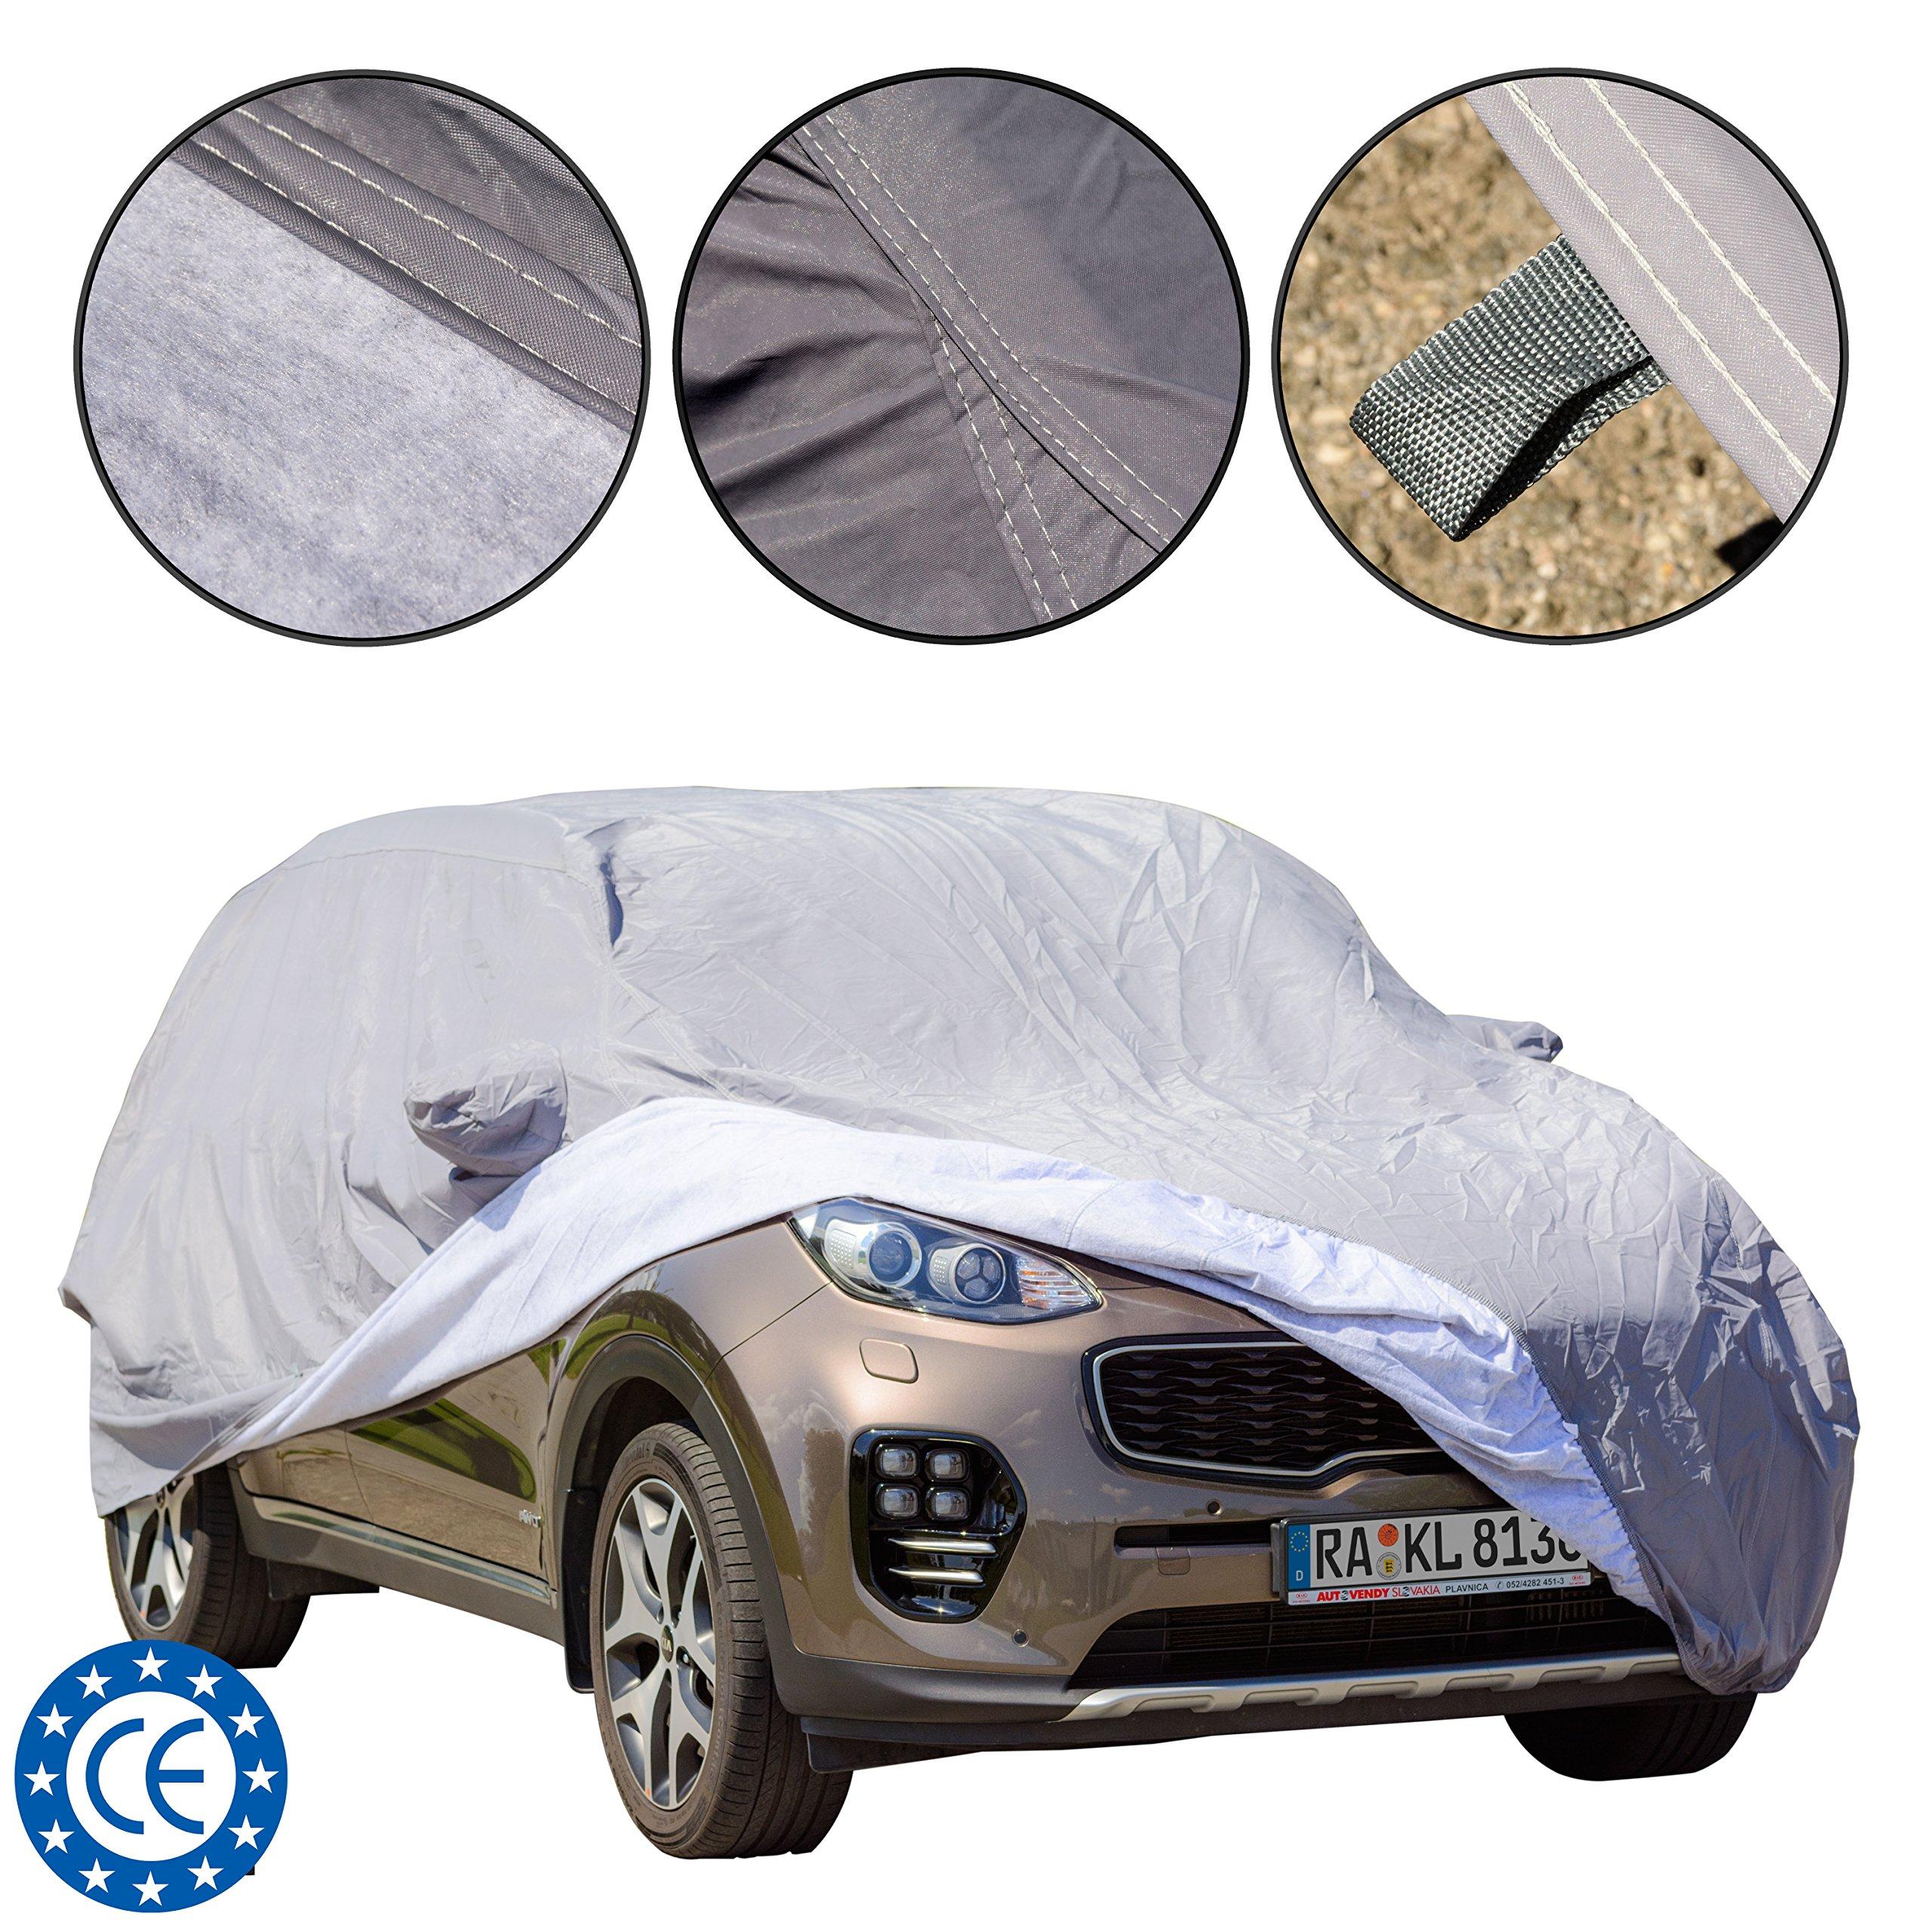 Cubierta para coche para SUV, ajuste universal, impermeable, a prueba de polvo y